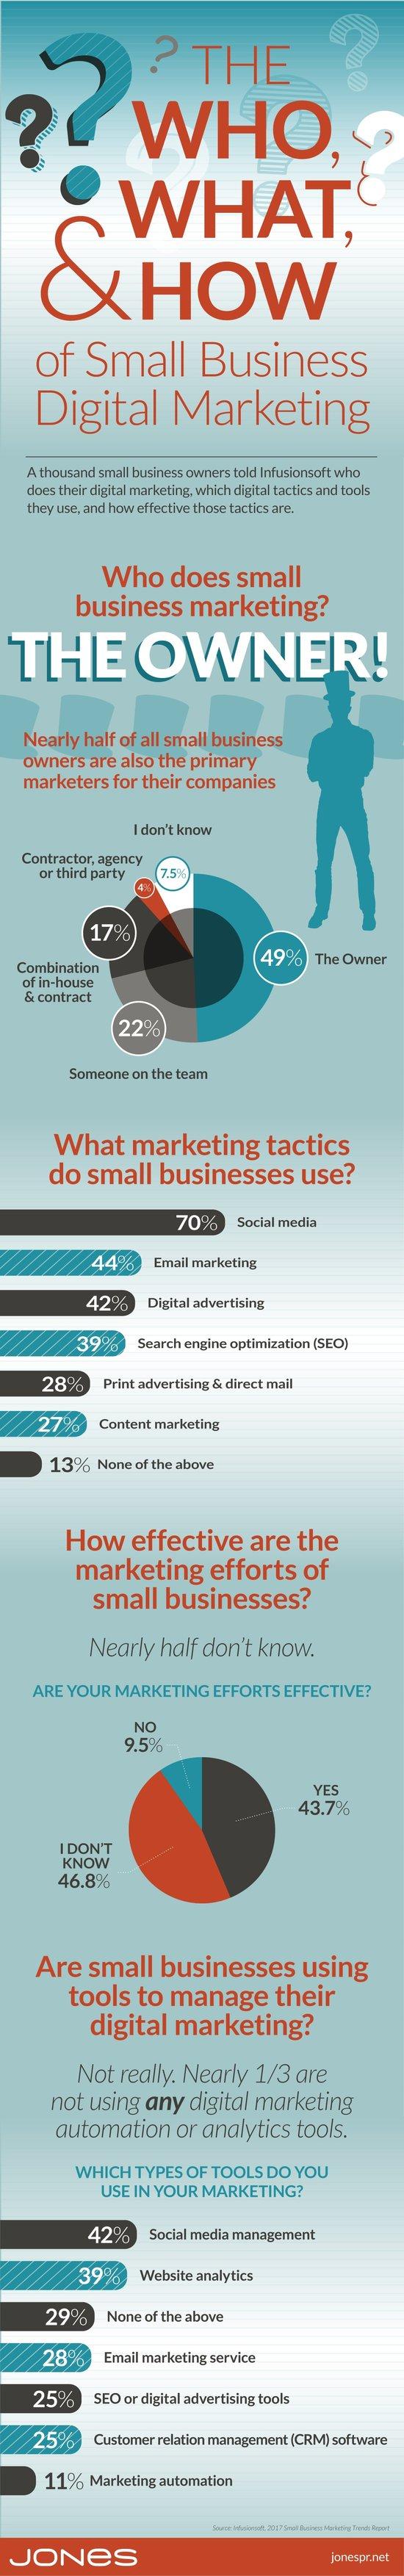 jones-infographic-status-small-business-marketing.jpg